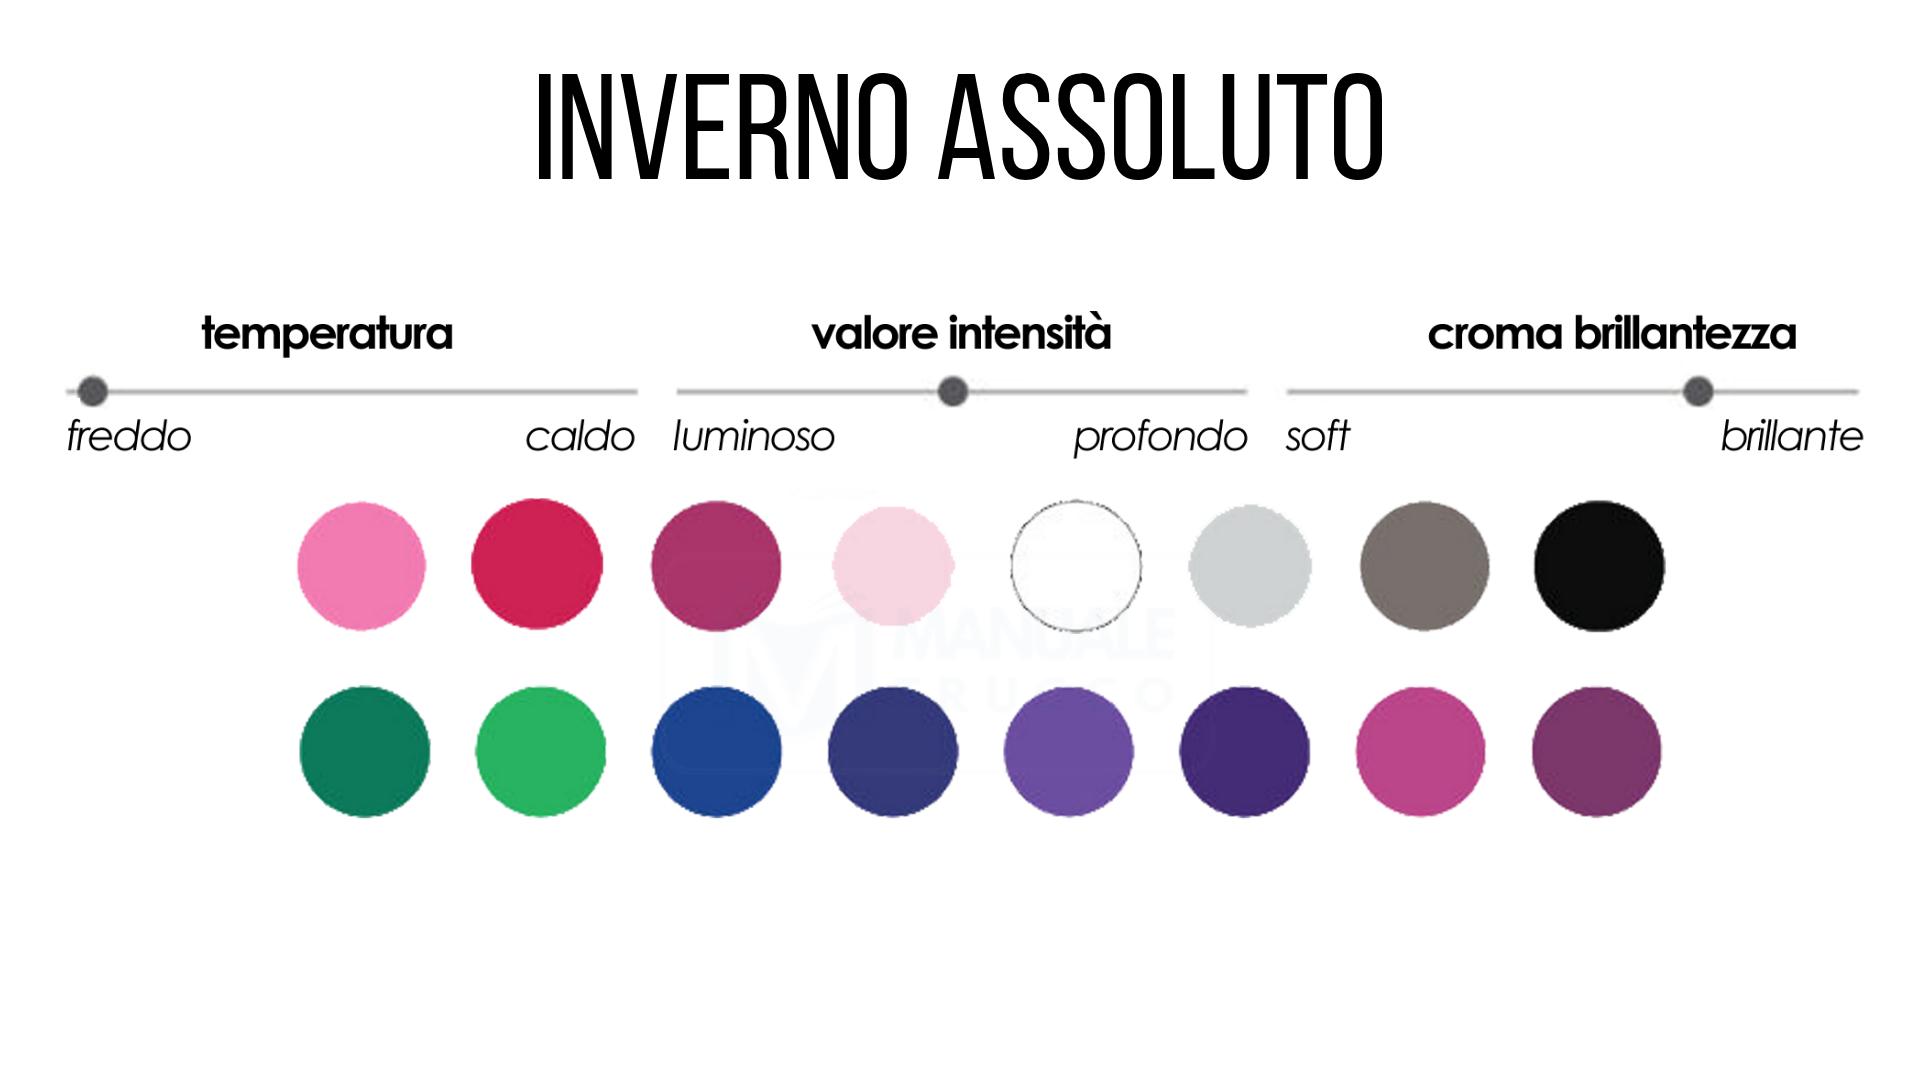 Delicato Colore Viola Pallido la parola d'ordine per il make-up per inverno profondo è